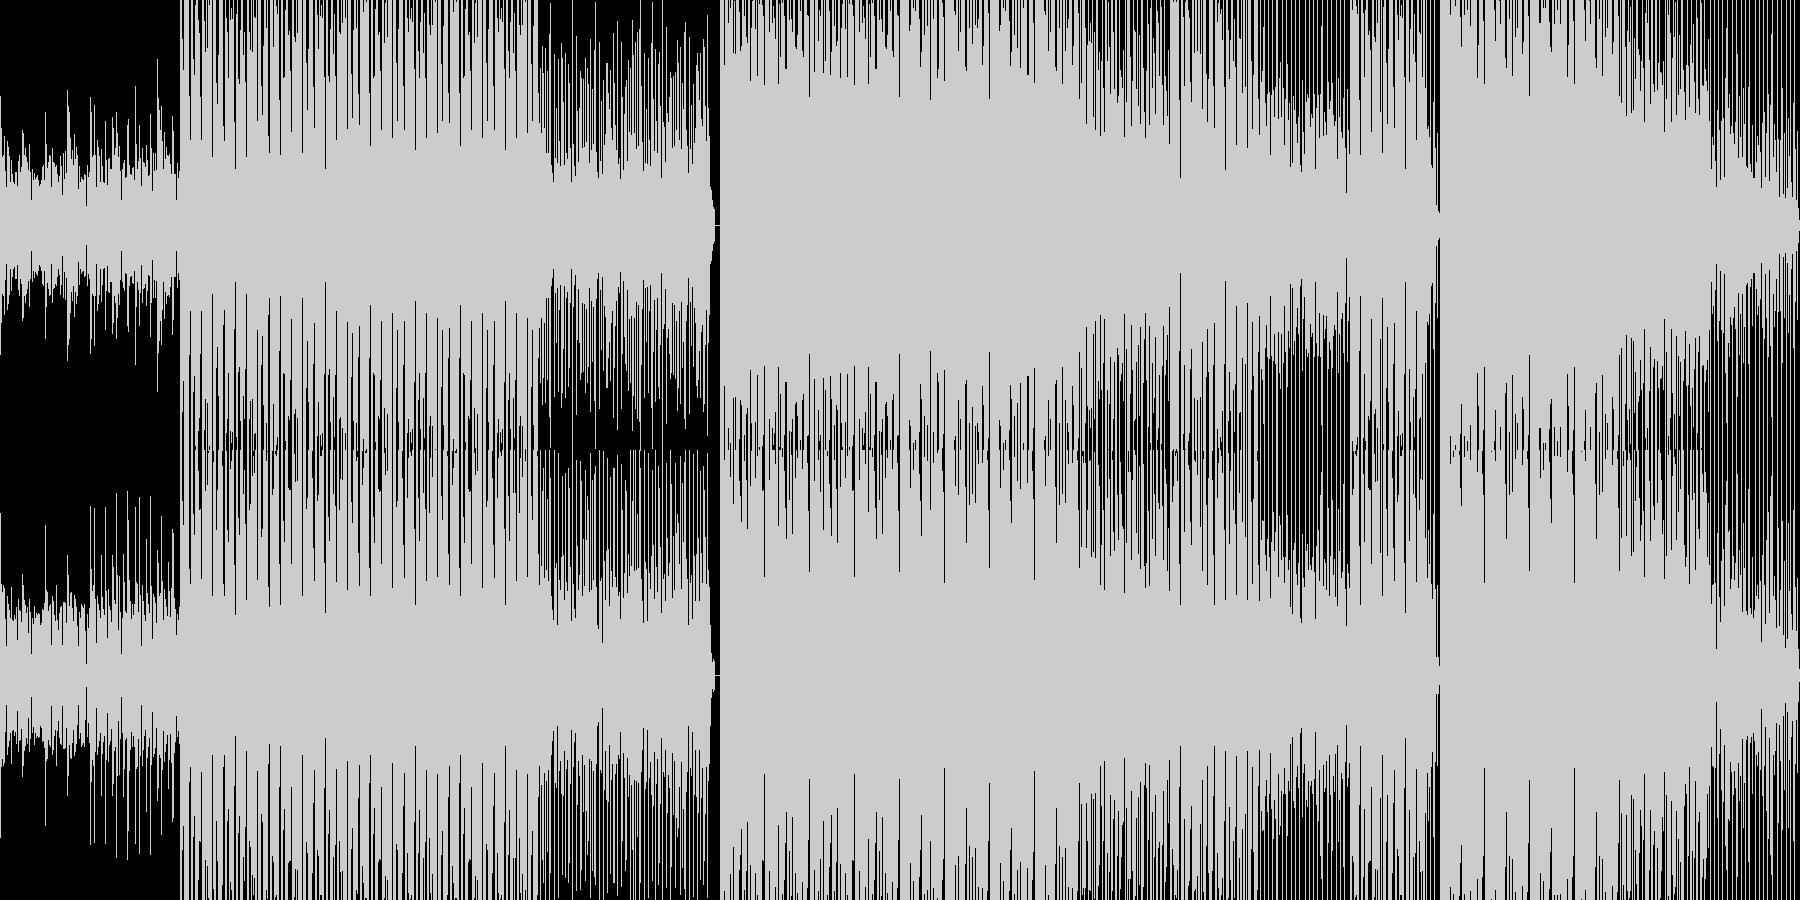 ポップなハウスBGMの未再生の波形